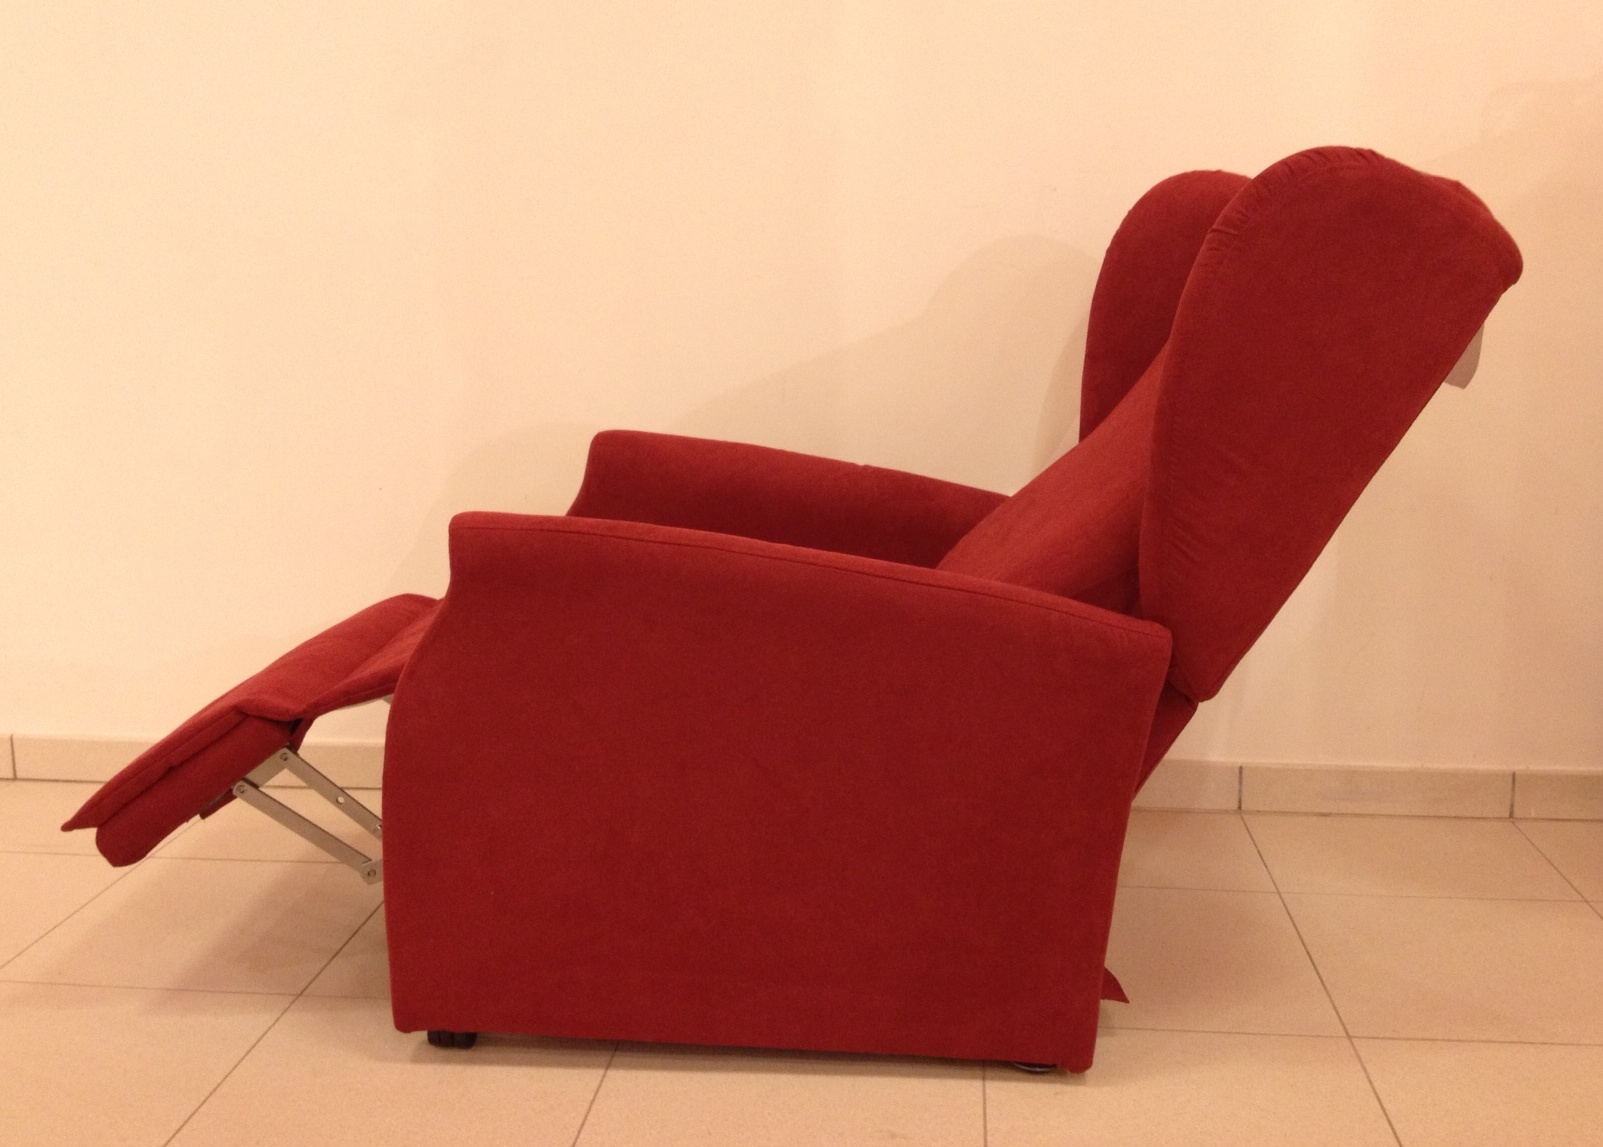 Copripoltrona relax tutte le offerte cascare a fagiolo - Ikea poltrone relax elettriche ...